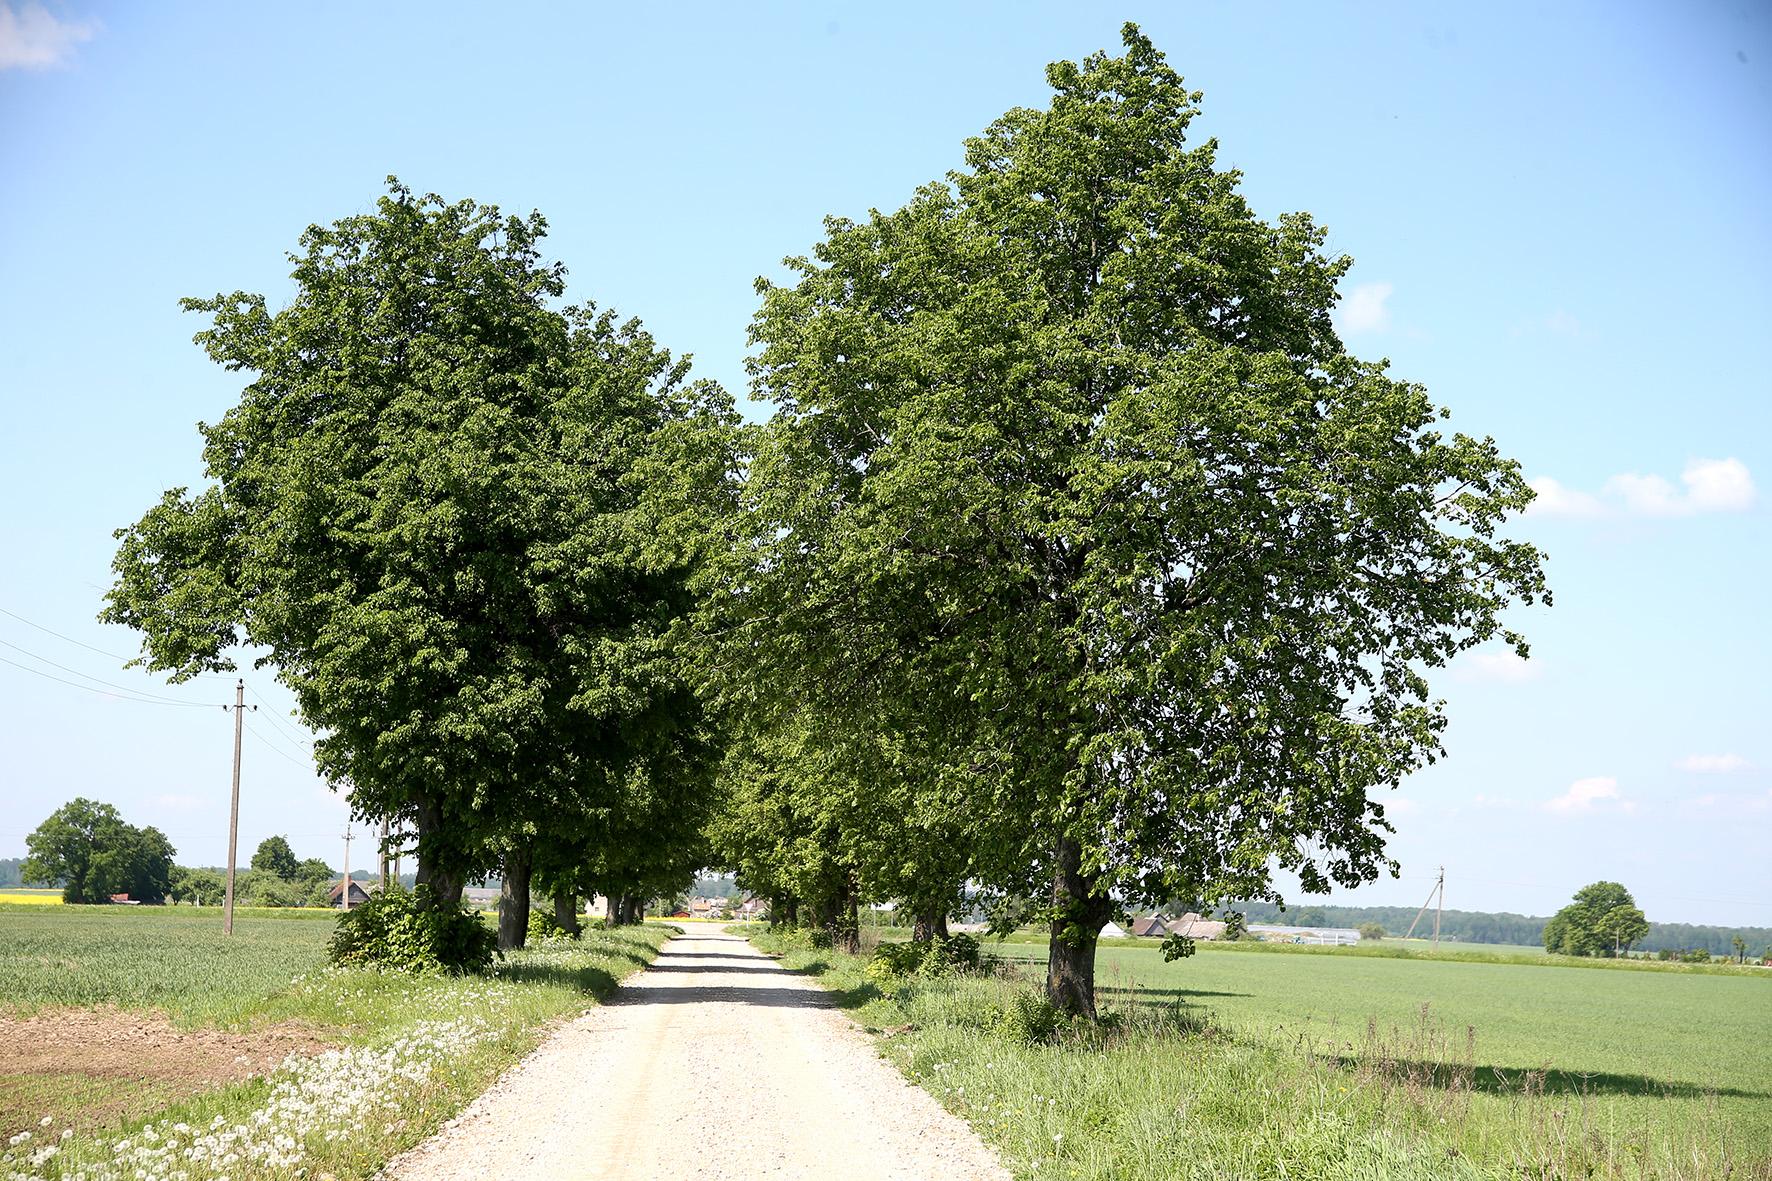 Prieš akis – liepų alėja. Kaip šaunu – į kaimelį keliukas veda liepų alėja. Tikra romantika! Algimanto Barzdžiaus nuotr.